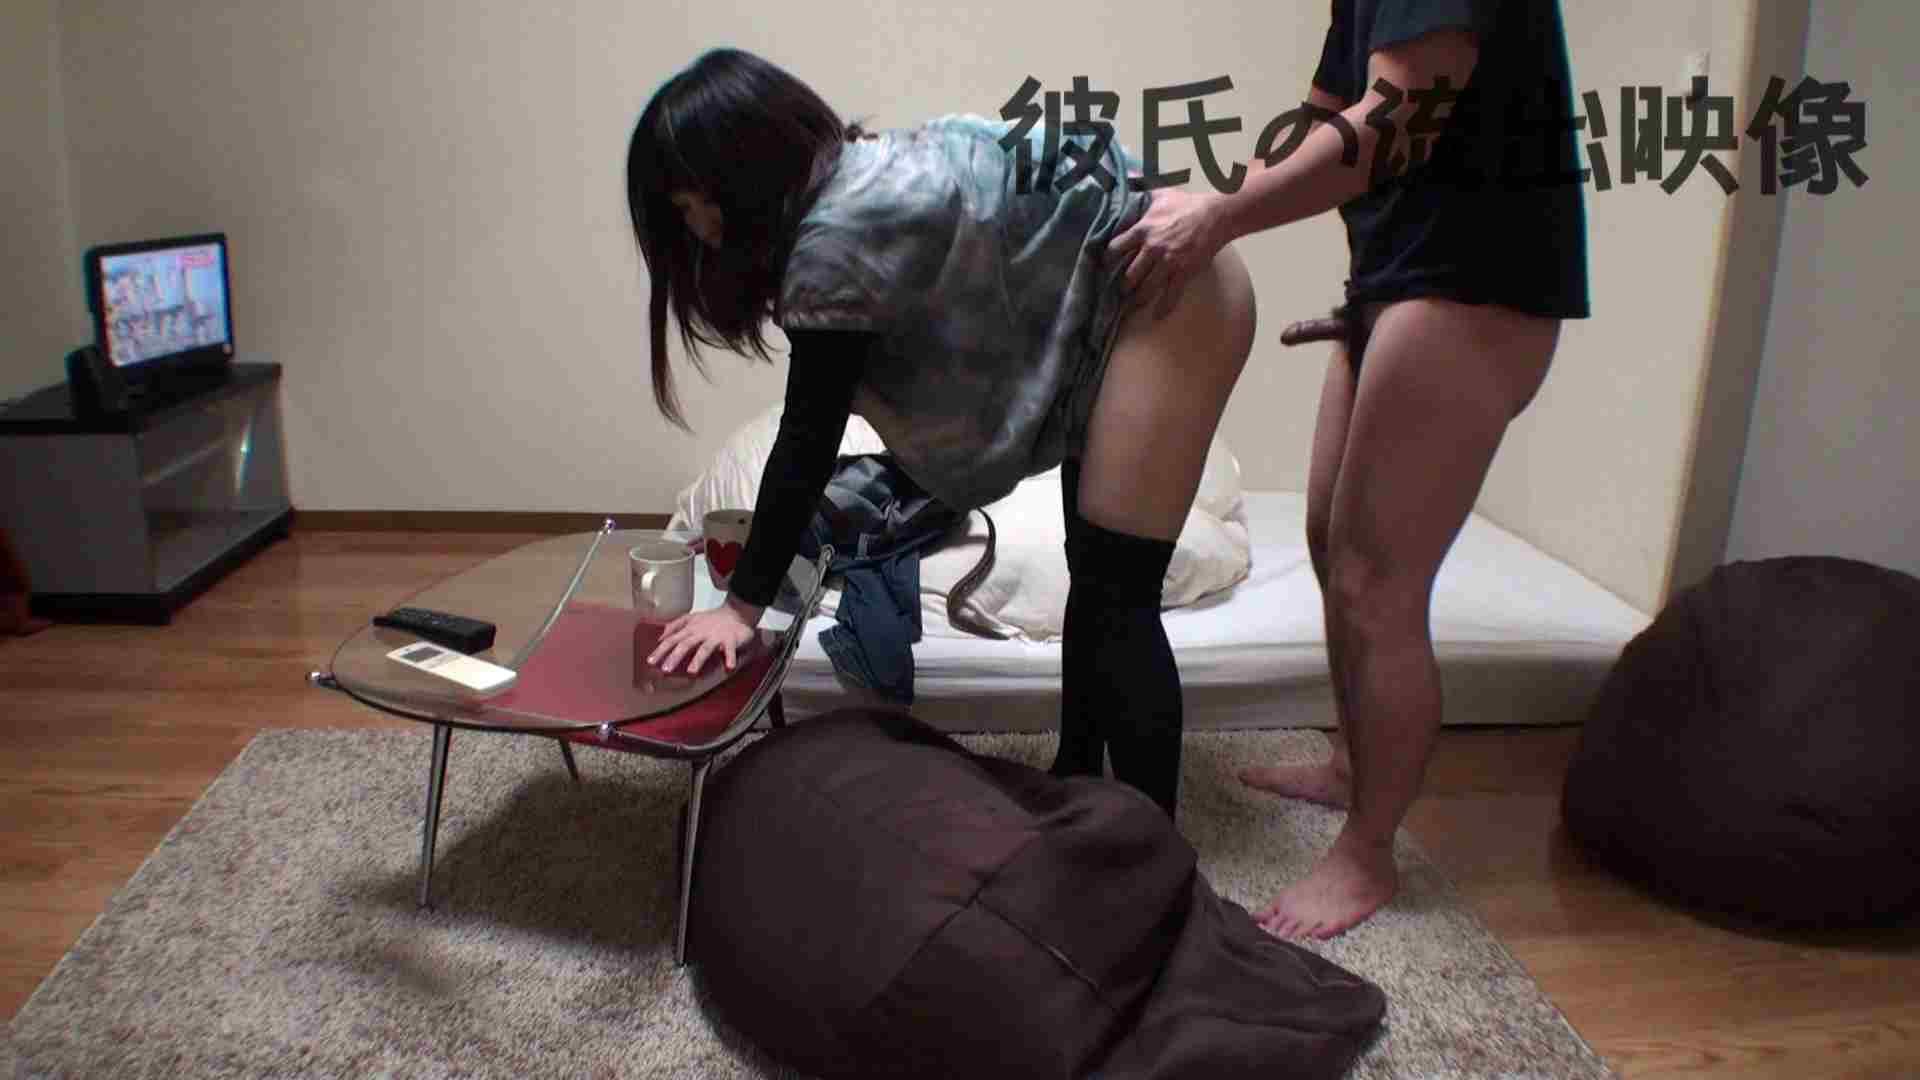 彼氏が流出 パイパン素人嬢のハメ撮り映像02 フェラ セックス画像 90連発 68